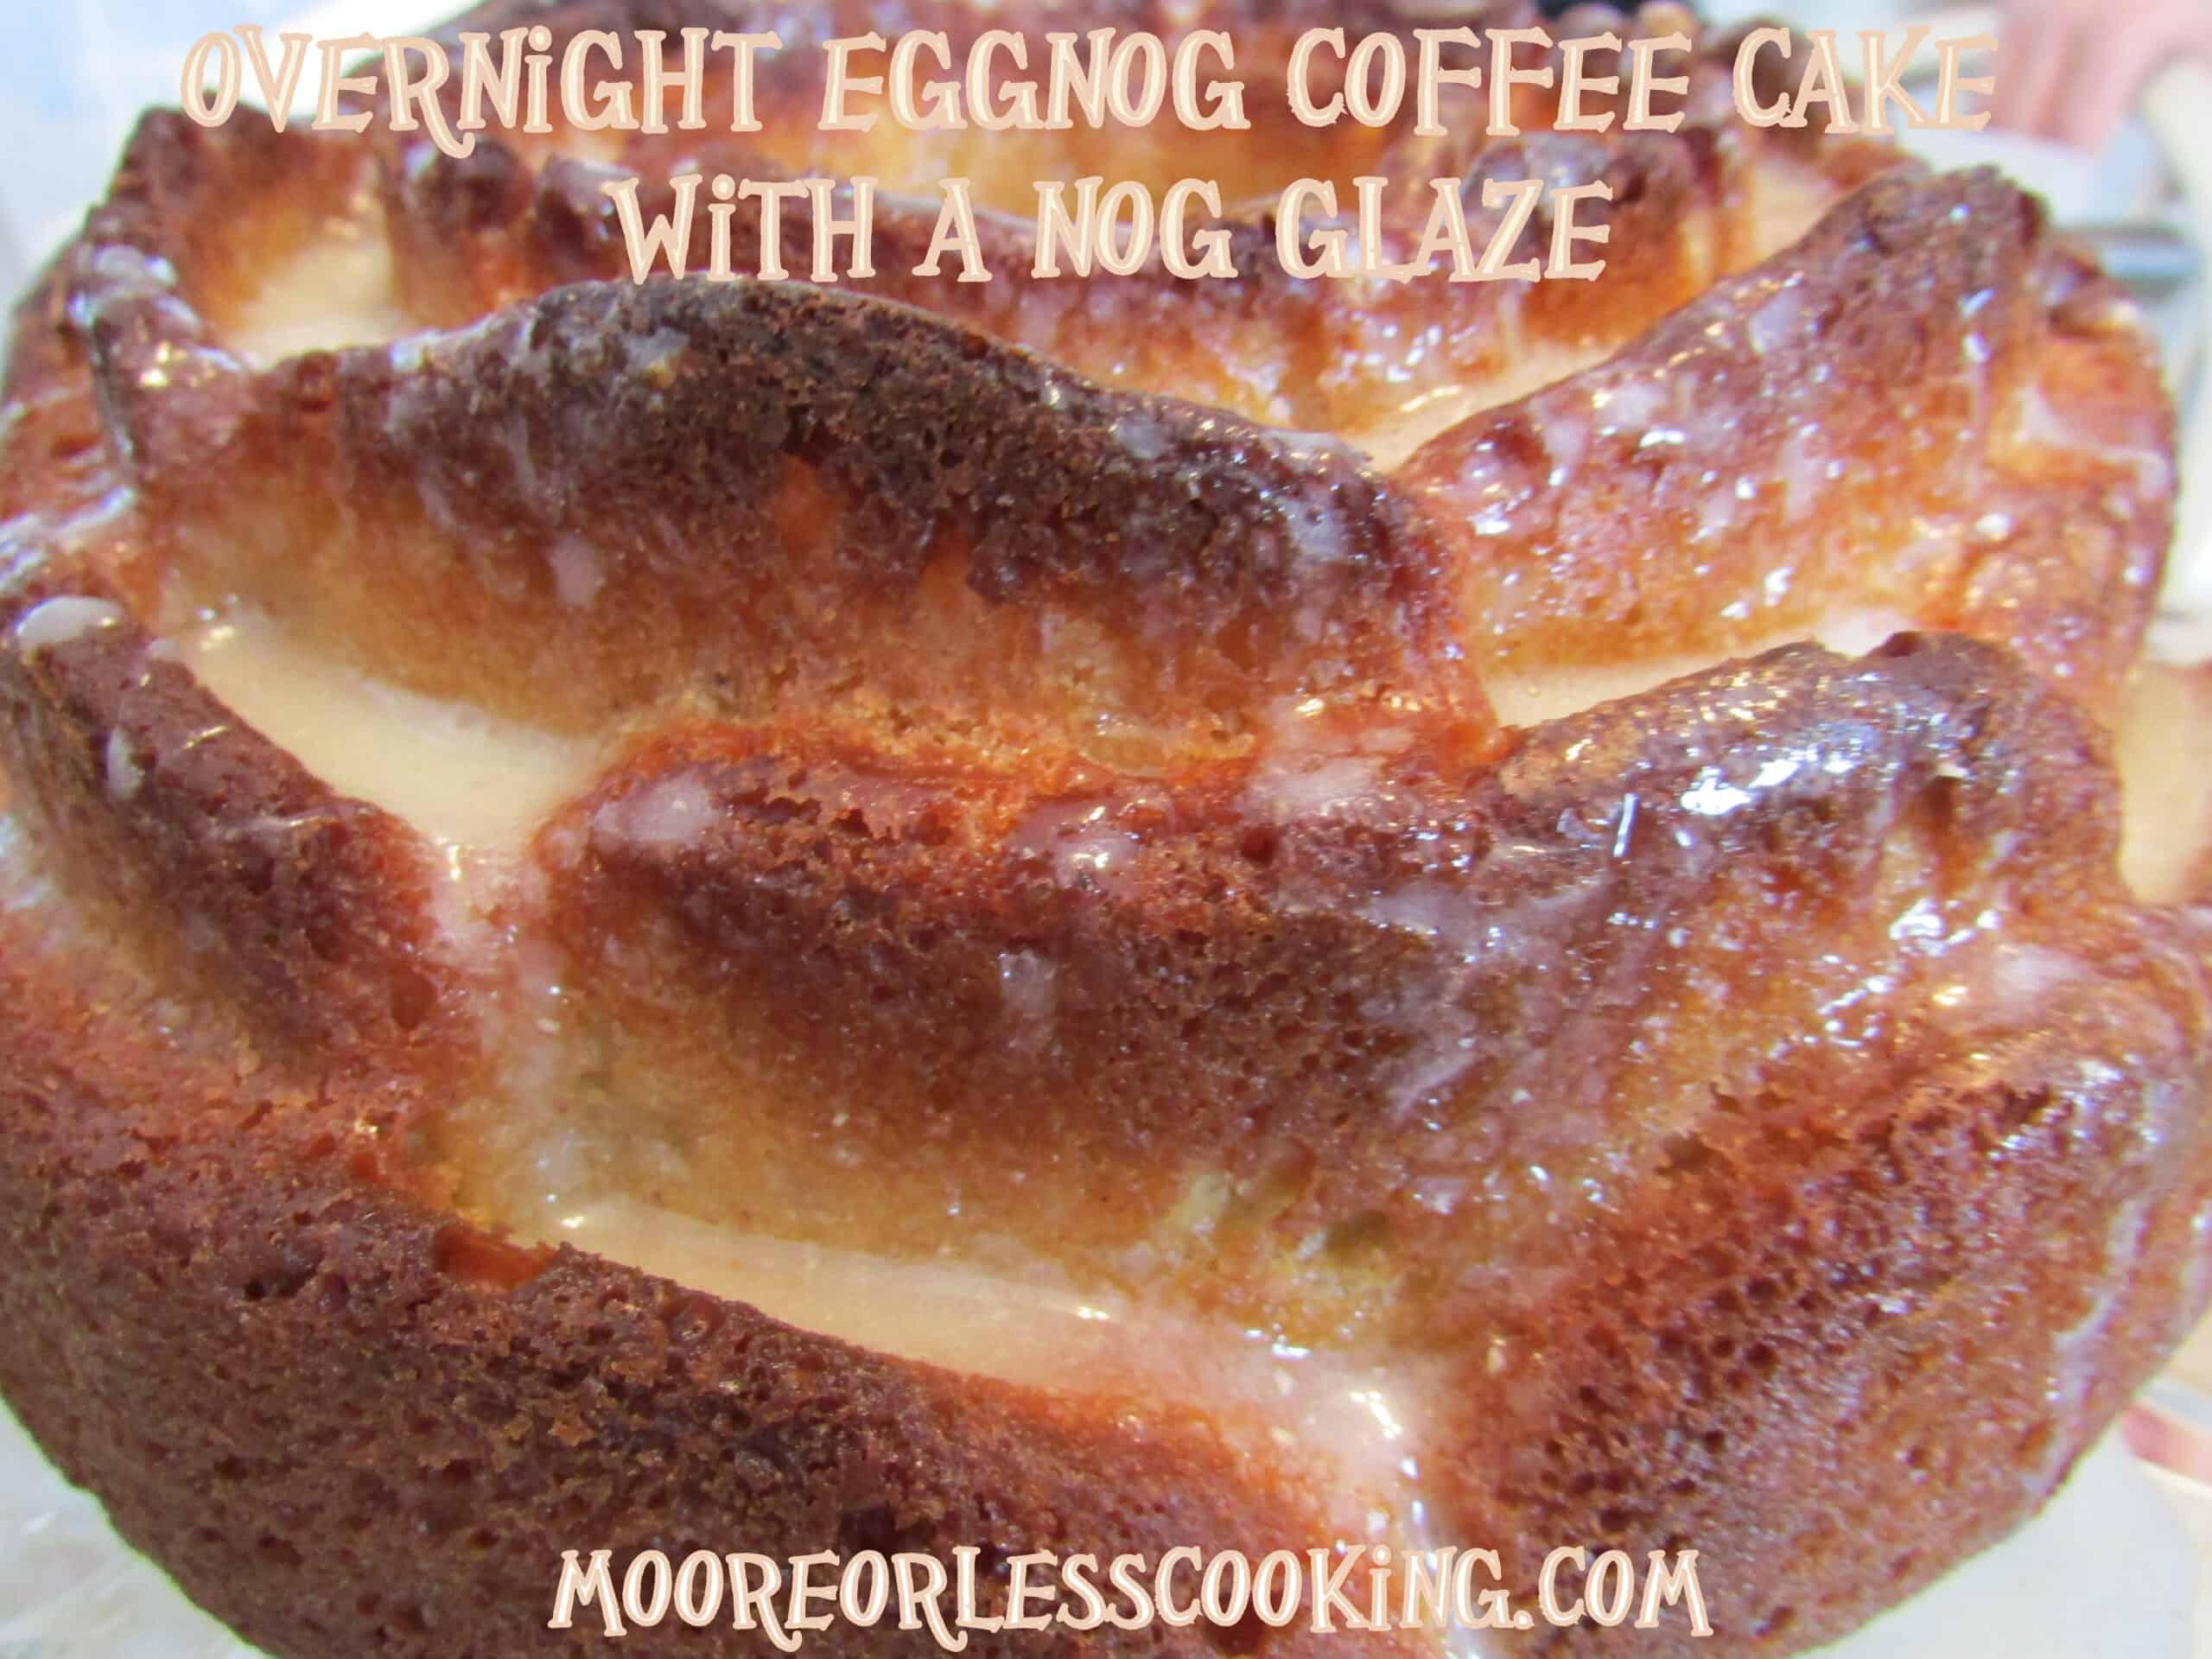 Overnight Eggnog Coffee Cake with a Nog Glaze via @Mooreorlesscook